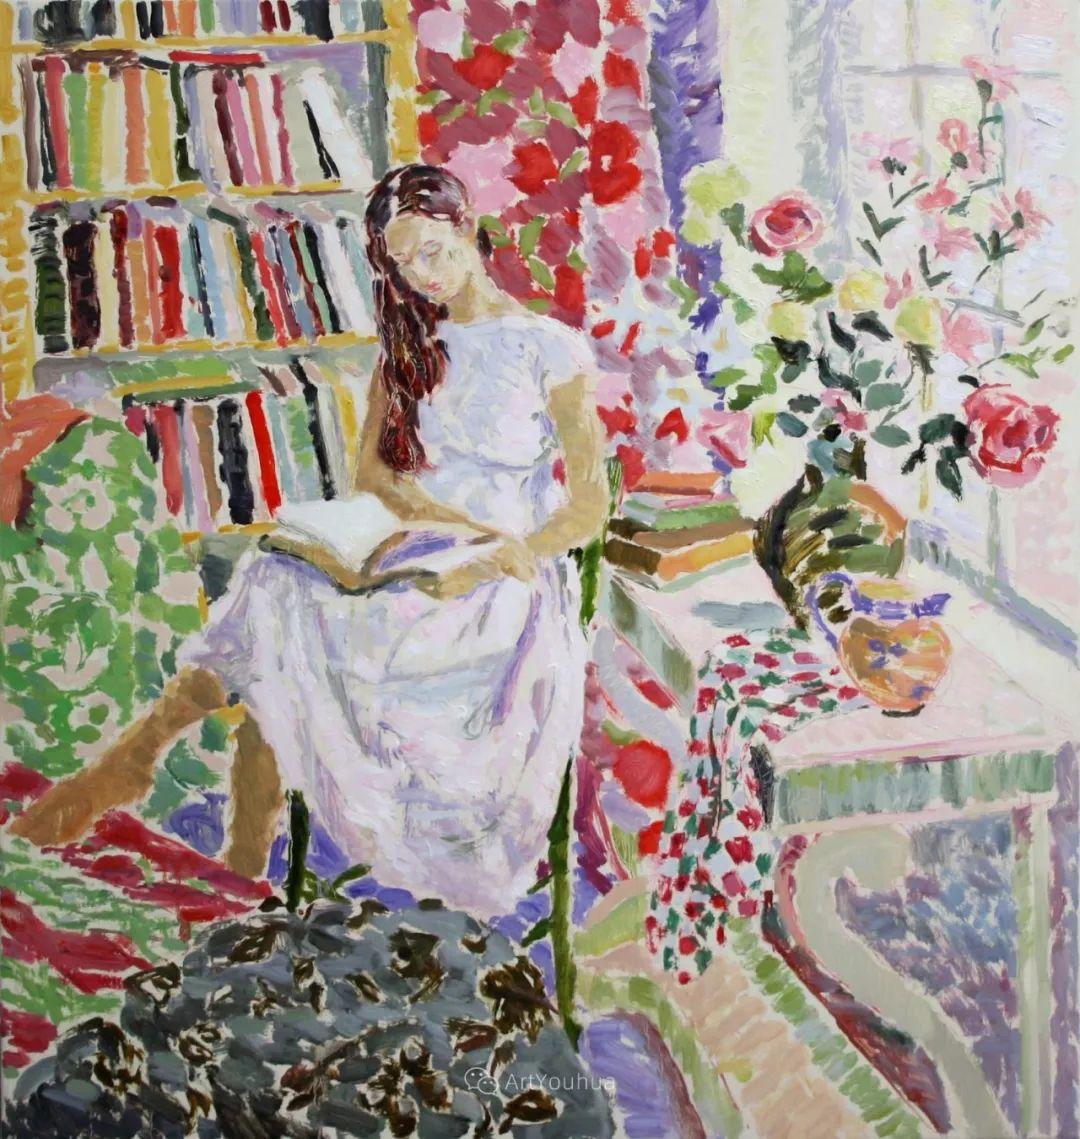 色彩和阳光的交响曲,英国著名浪漫主义画家:雨果·格伦维尔 150幅插图6